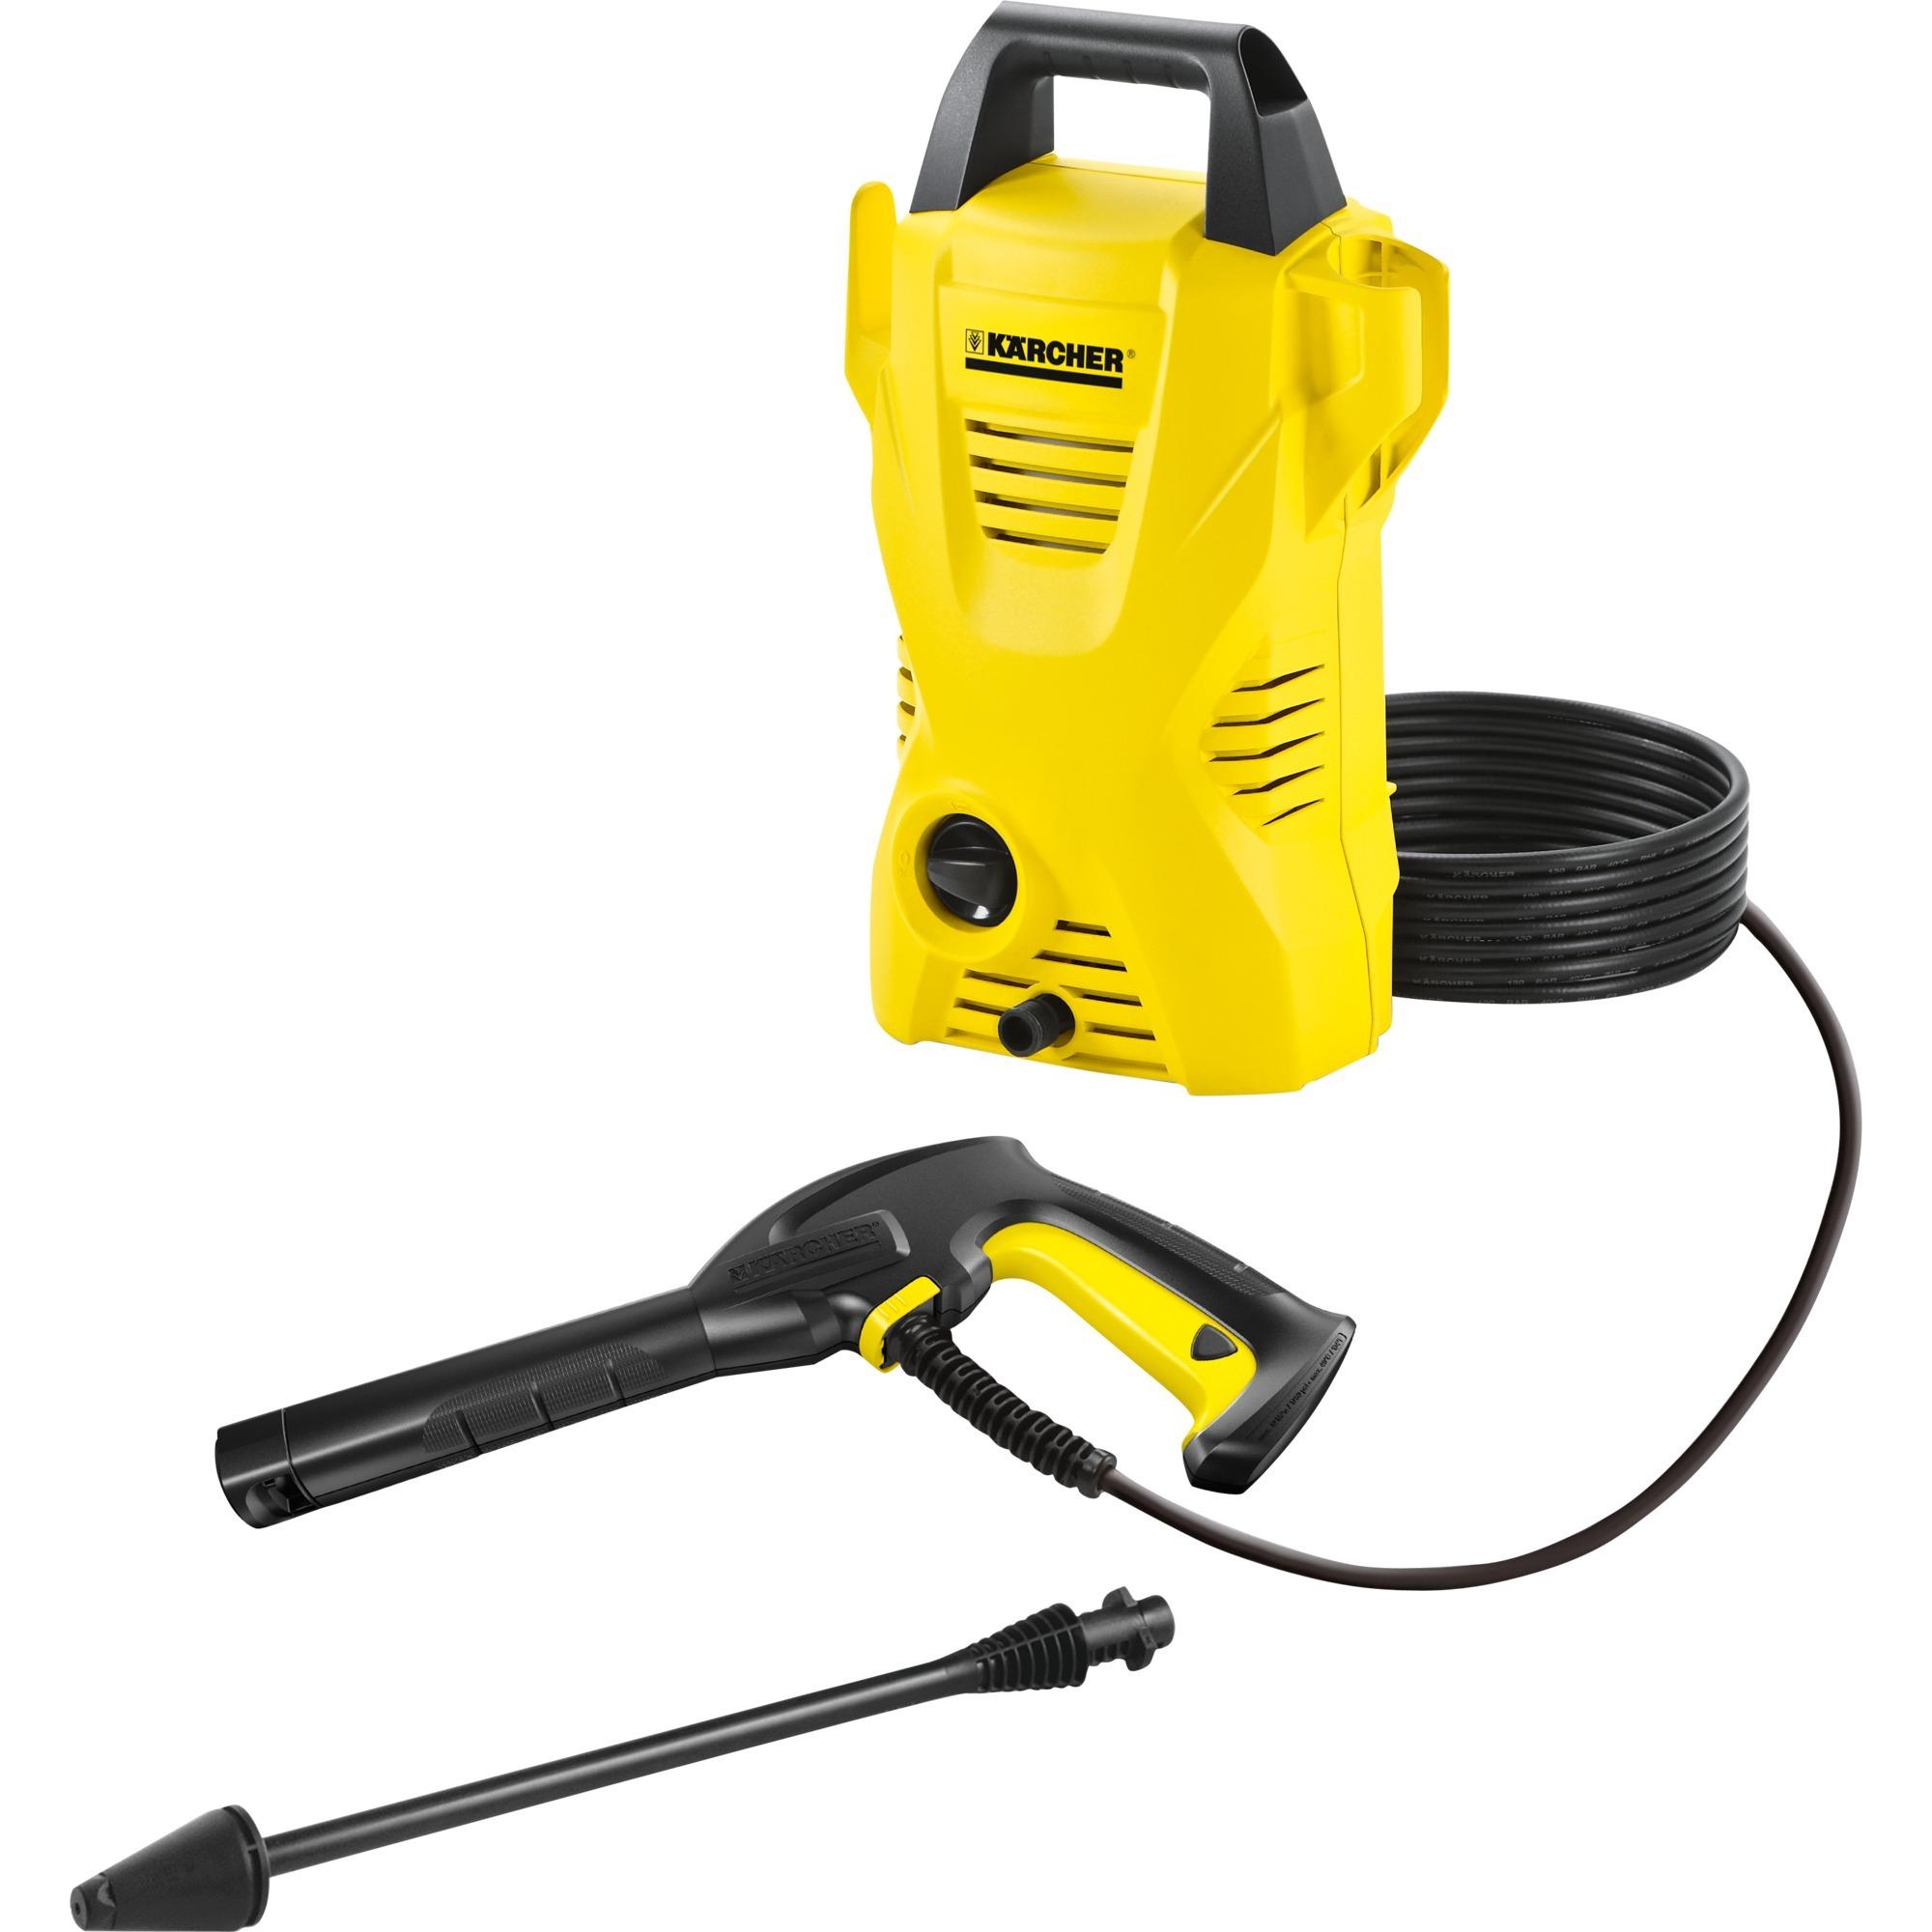 K 2 Basic Compacto Eléctrico 360l/h 1400W Negro, Amarillo Limpiadora de alta presión o Hidrolimpiadora, Hidrolimpiadora de alta presión